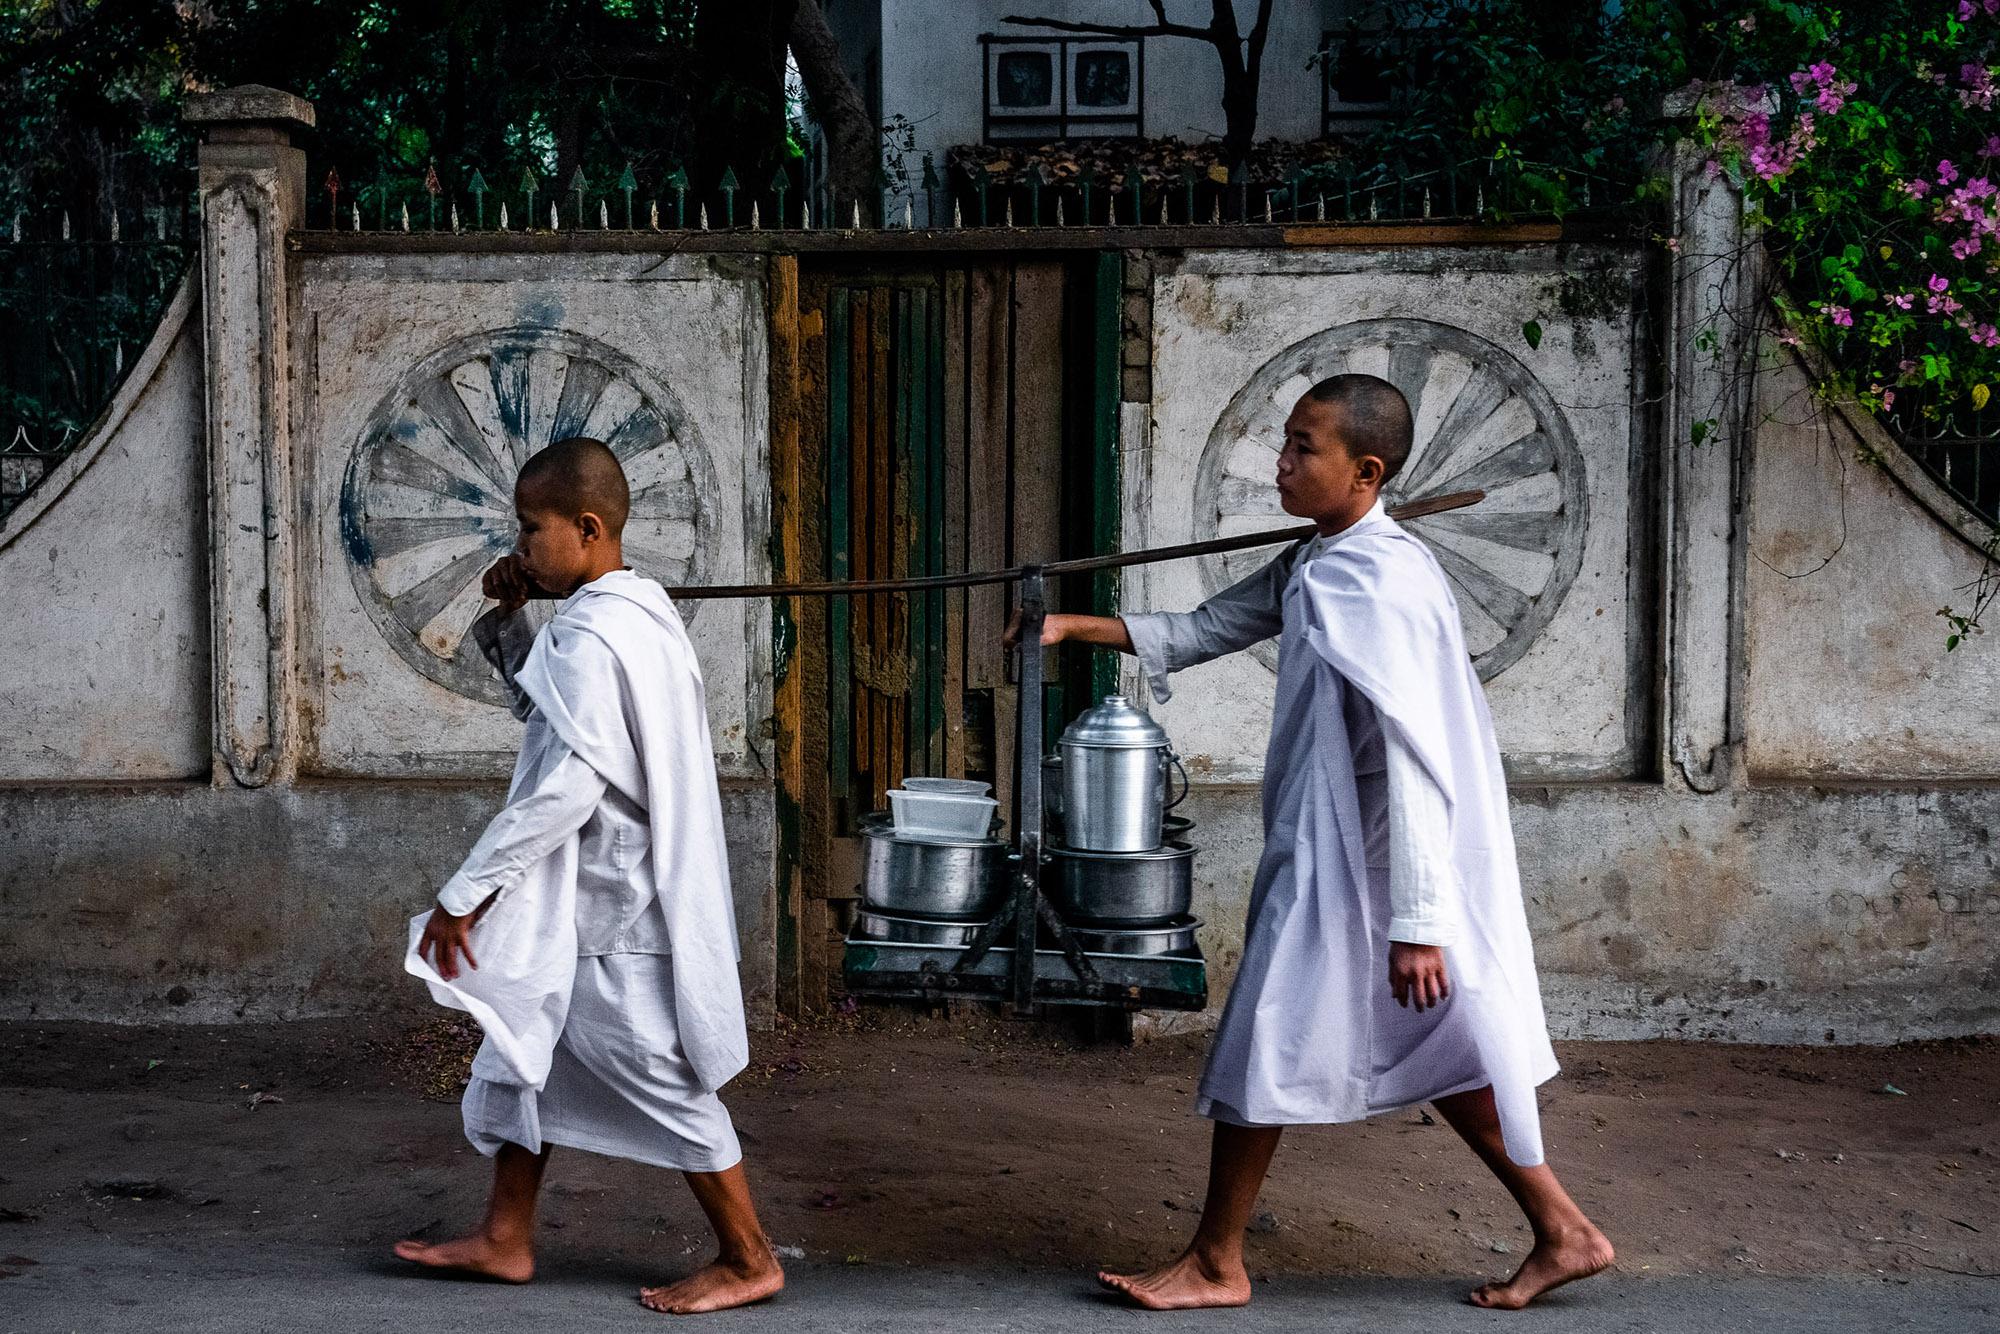 Photographie de voyage par Alex Zyuzikov - deux jeunes moines dans la rue de Mandalay, Myanmar